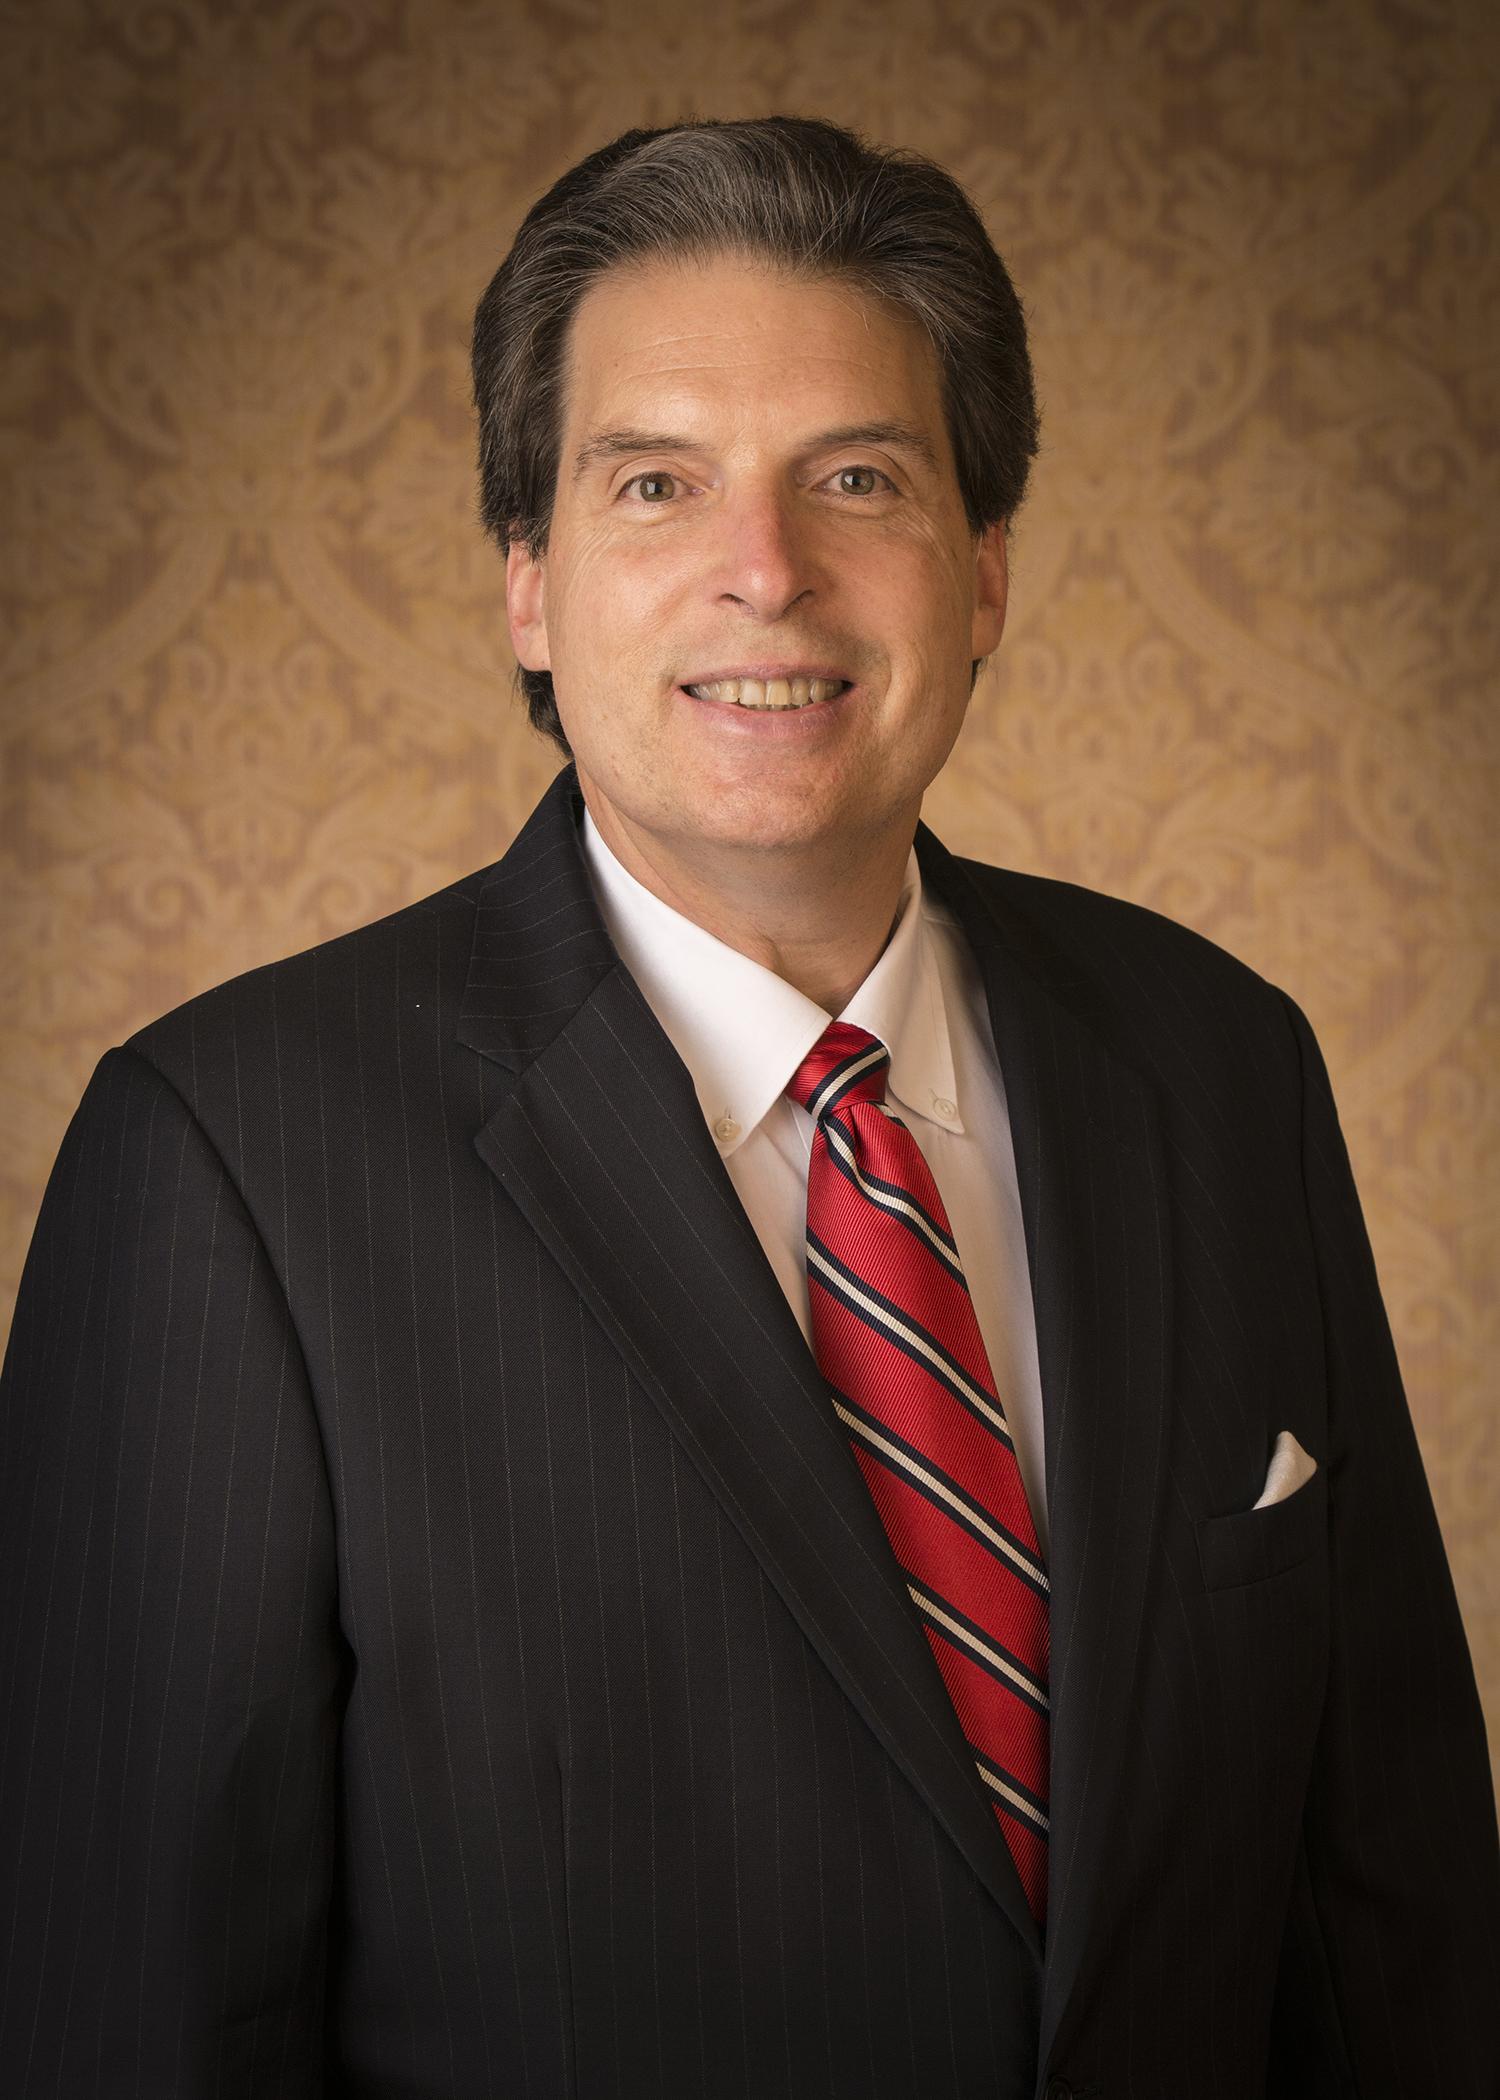 William Scott, financial advisor Houston TX